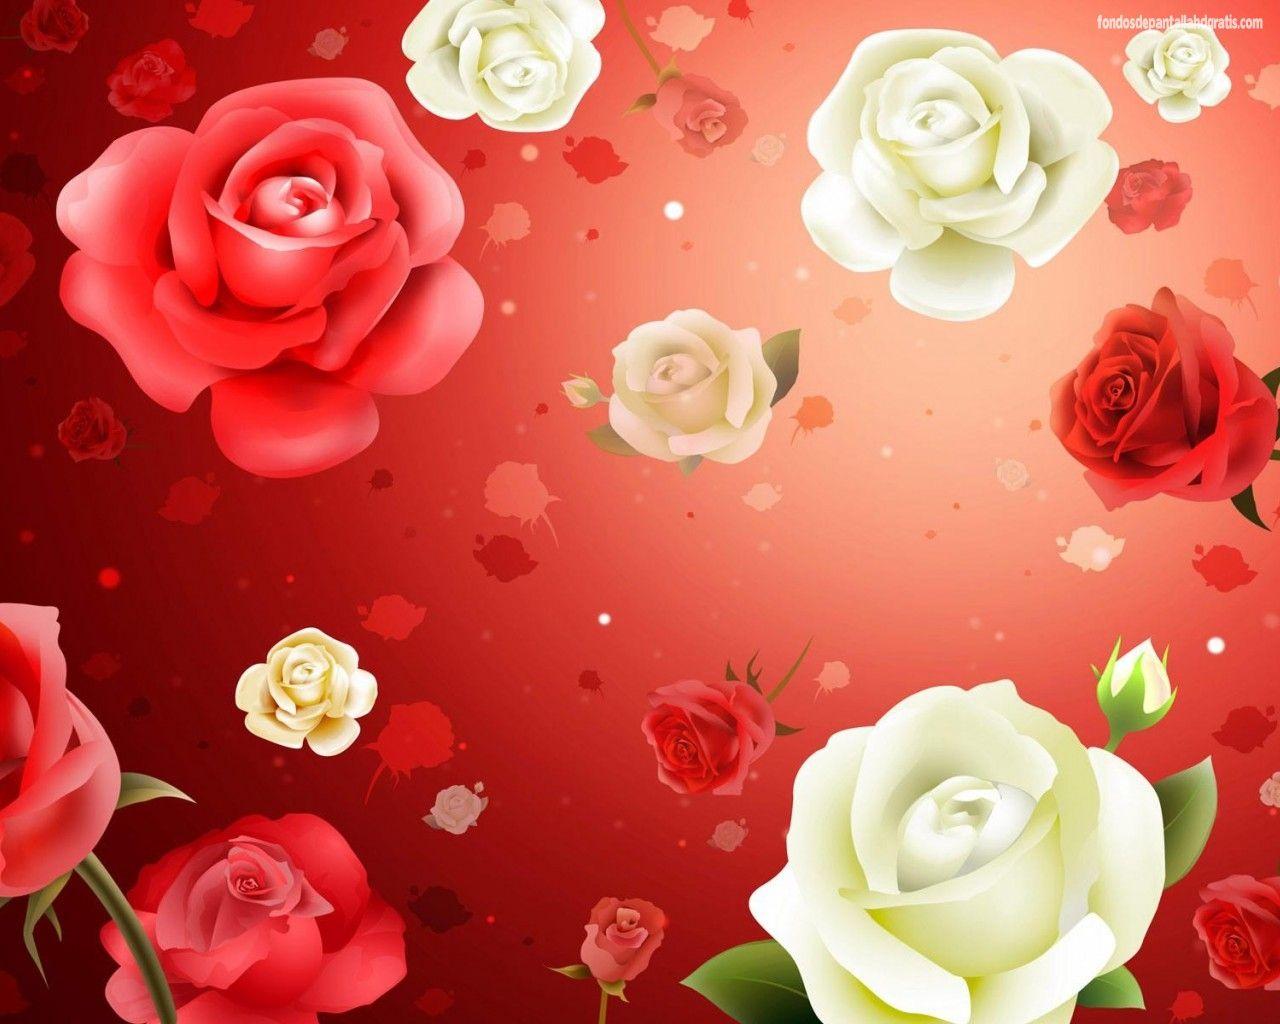 Fondos De Flores Gratis Para Protector De Pantalla 12 HD